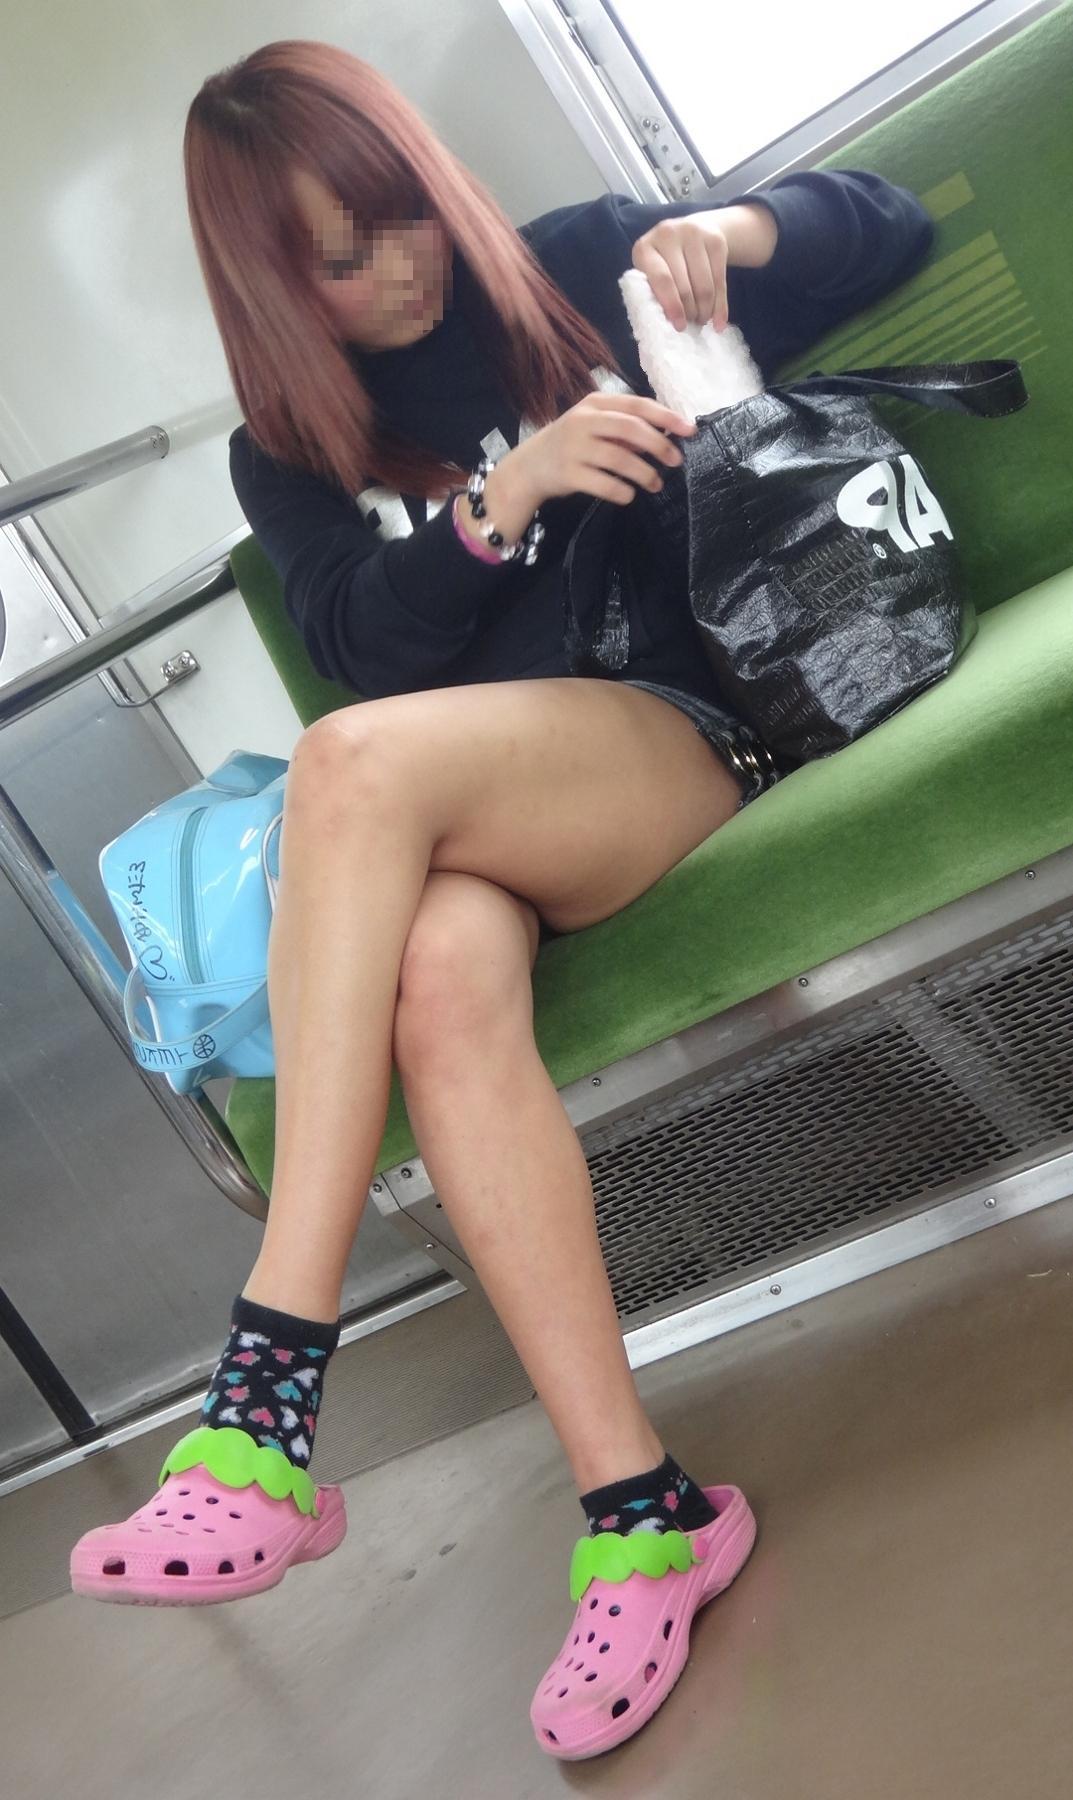 【電車内隠し撮り】脚組んでるムチムチ太股はパンチラよりもエロいwww 15